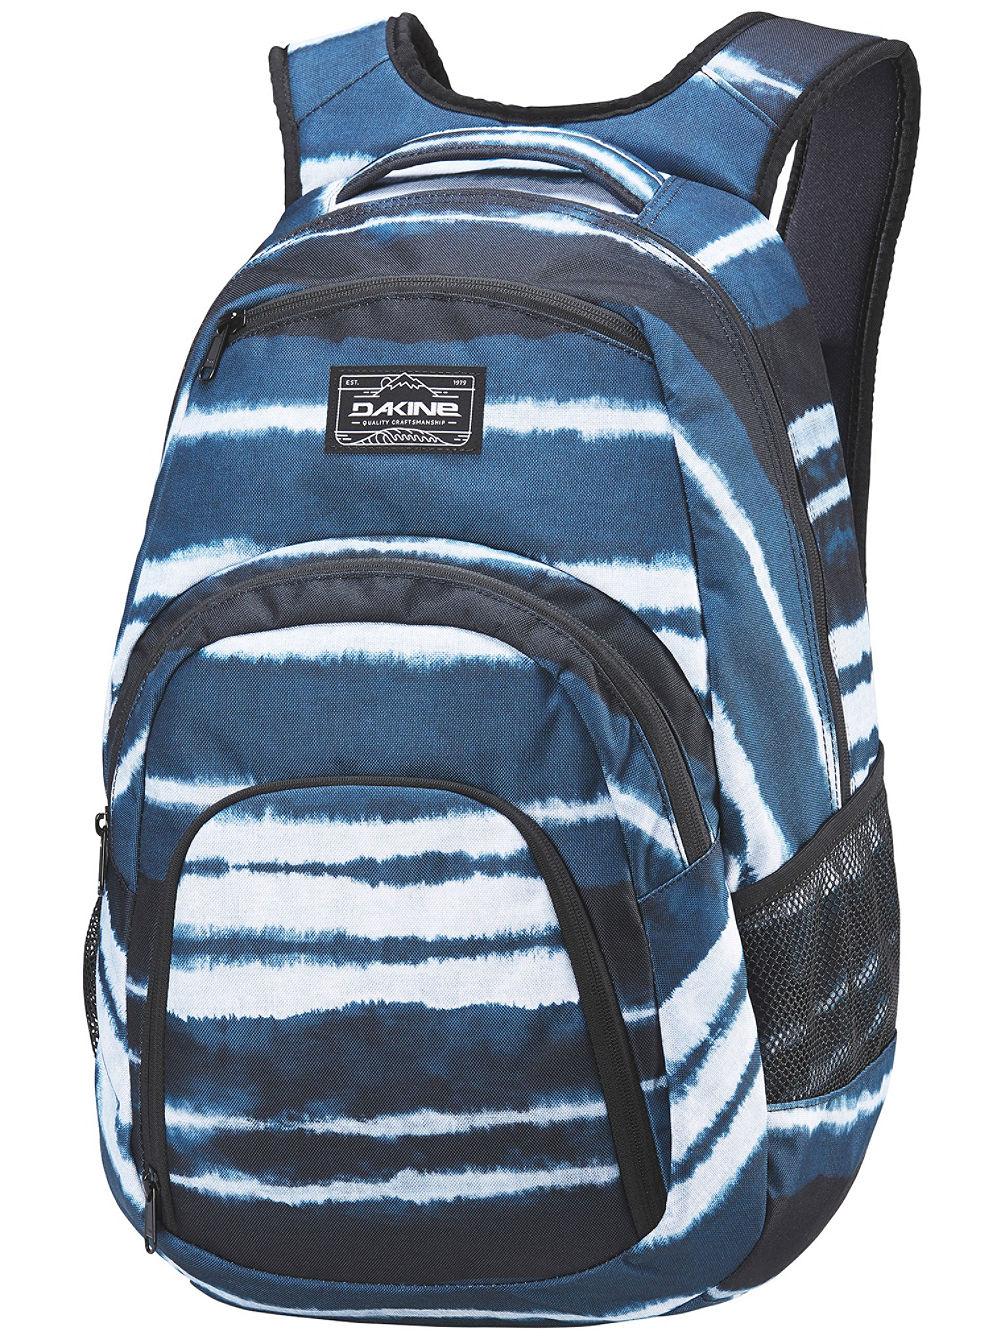 373122644da89 Buy Dakine Campus 33L Backpack online at Blue Tomato